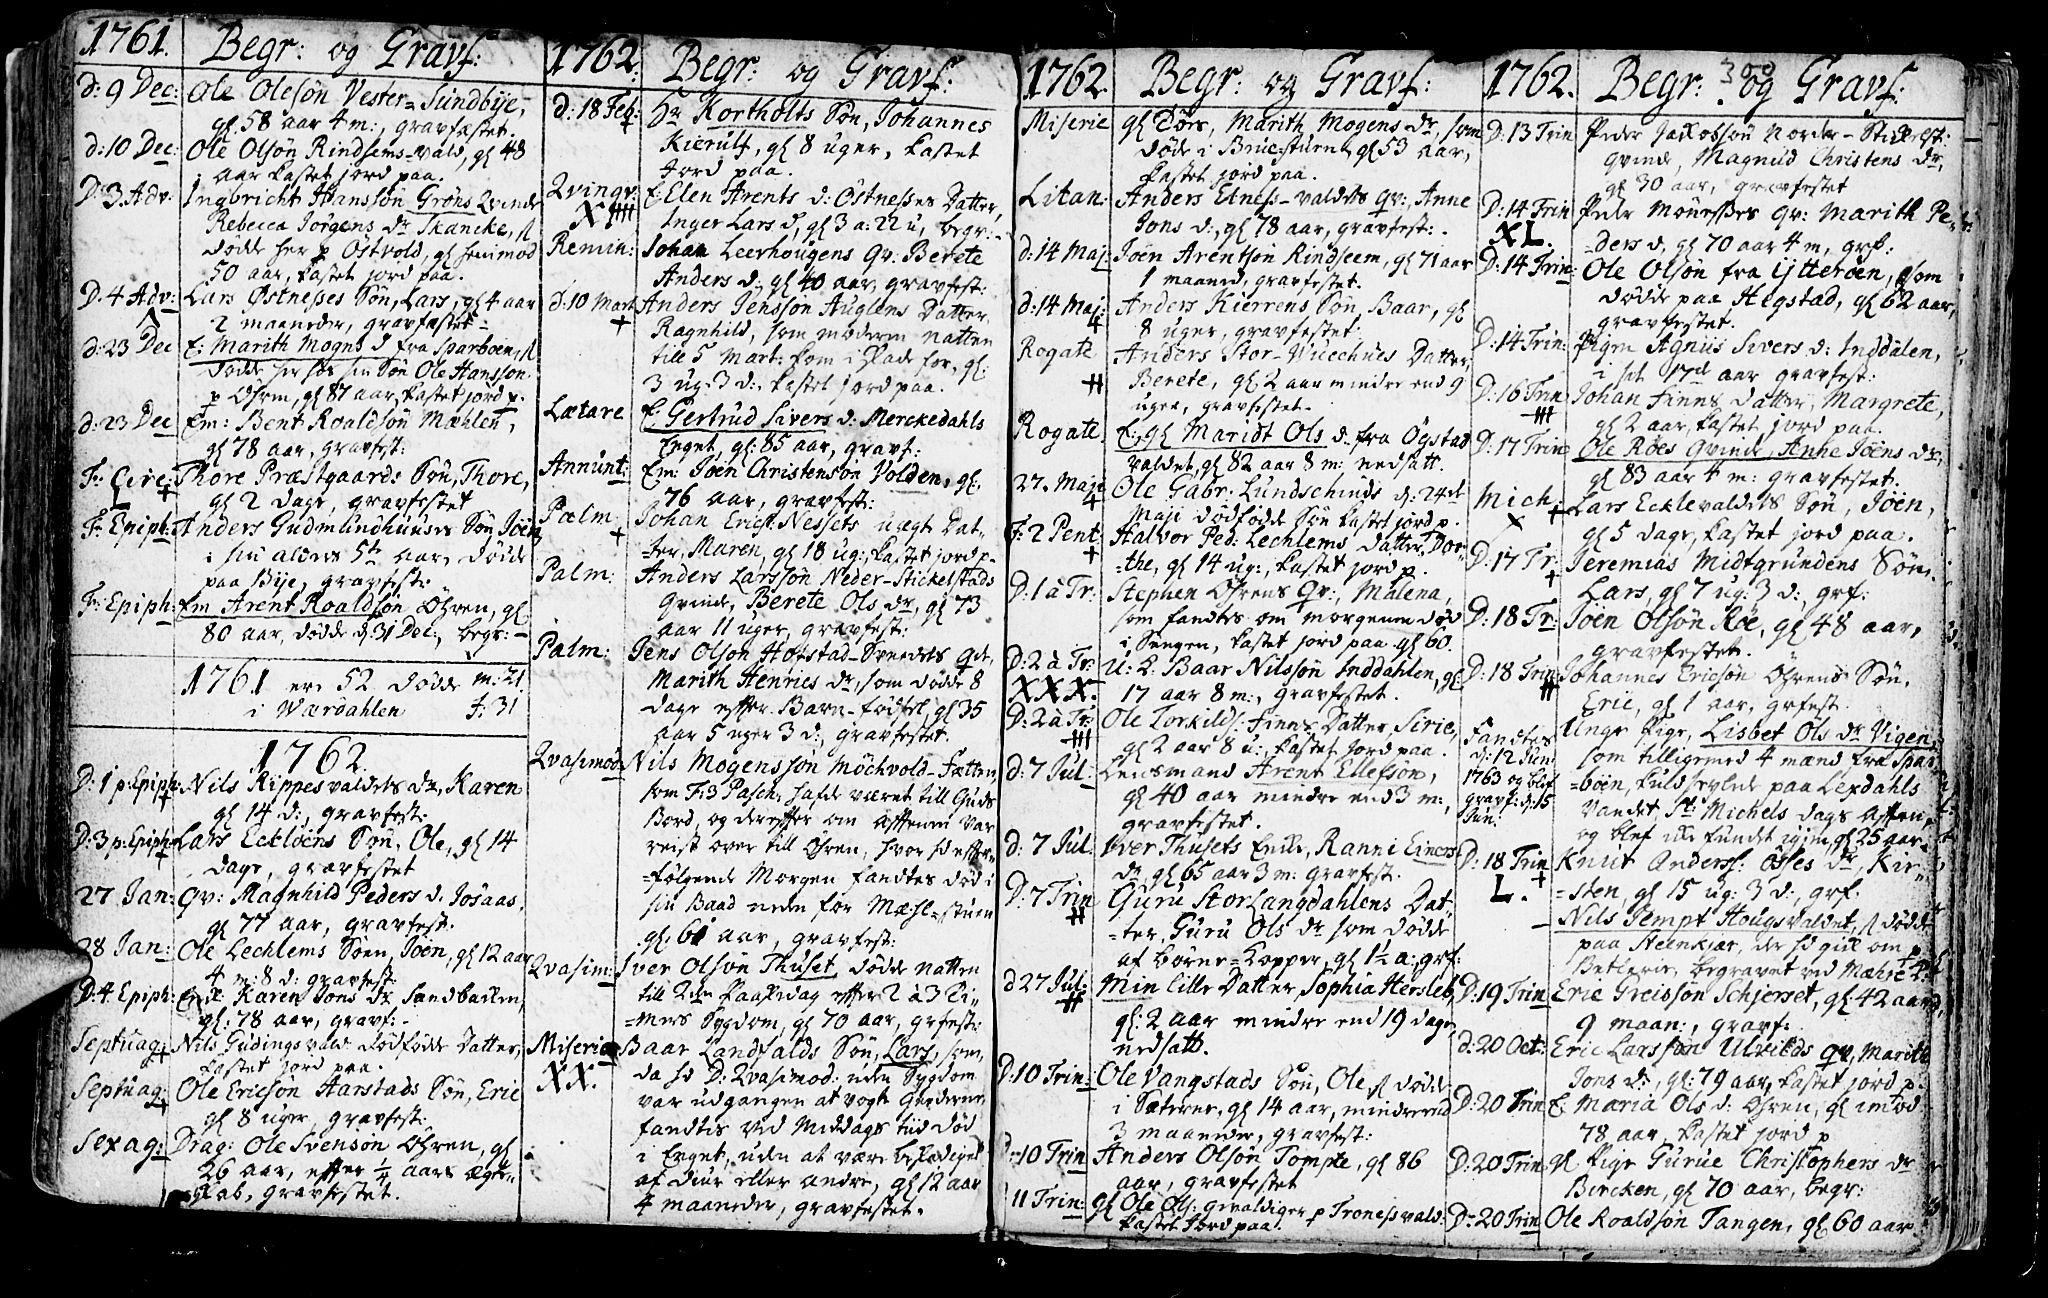 SAT, Ministerialprotokoller, klokkerbøker og fødselsregistre - Nord-Trøndelag, 723/L0231: Ministerialbok nr. 723A02, 1748-1780, s. 300